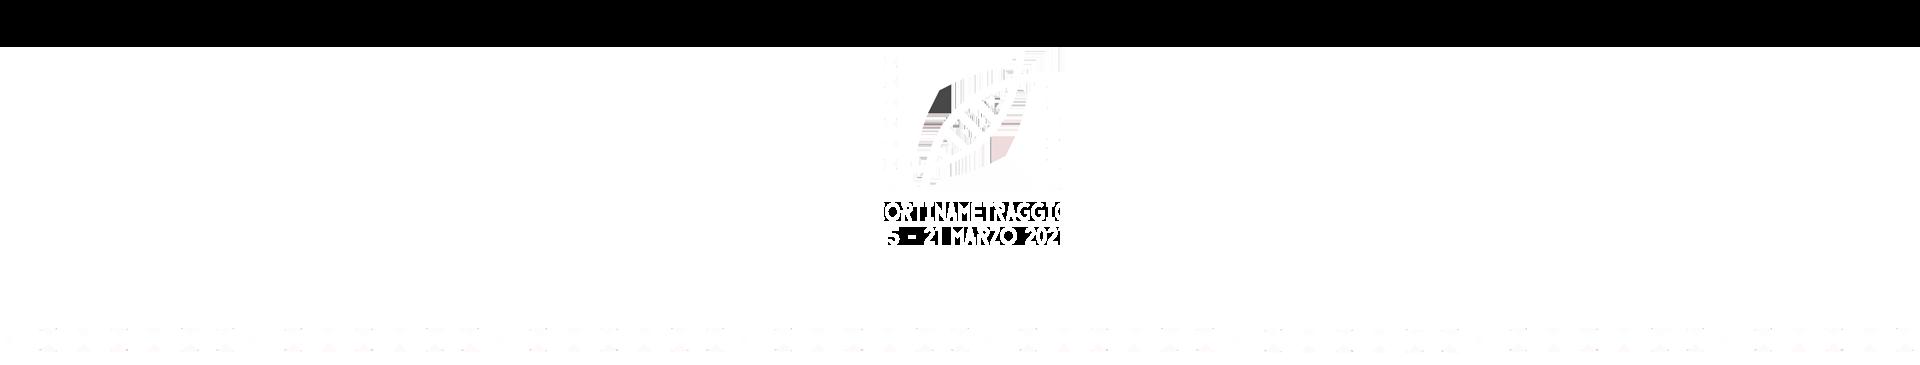 Cortinametraggio - festival di cortometraggi a cortina 15-21 marzo 2021